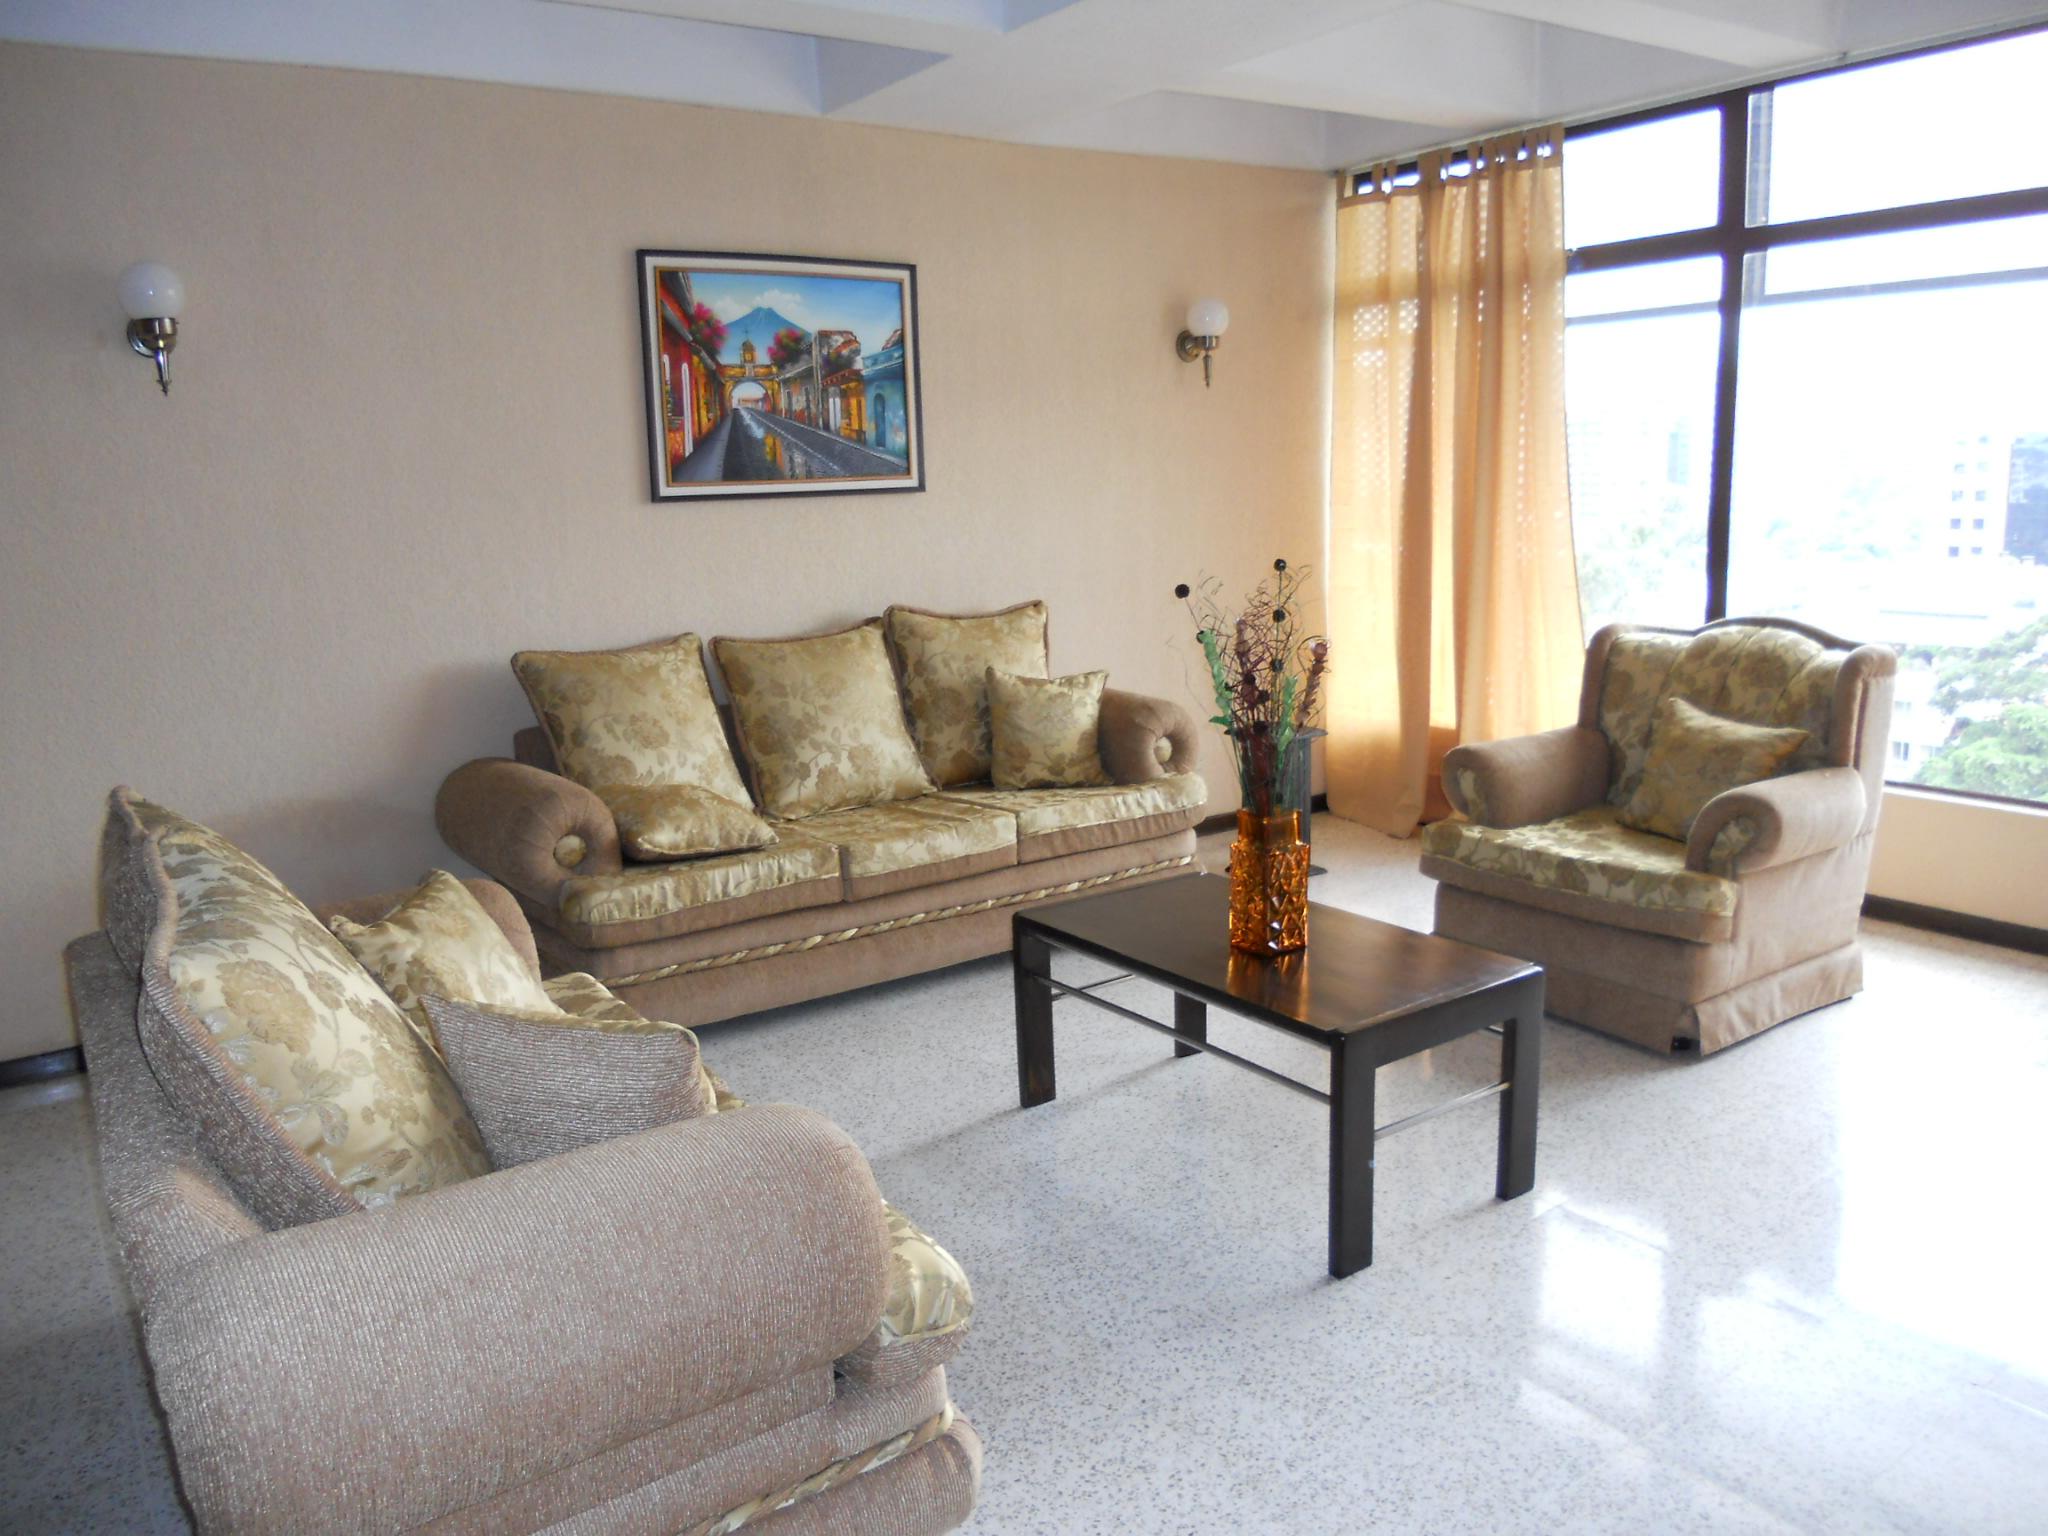 Apartamentos quality disponibilidad for Dormitorio sala